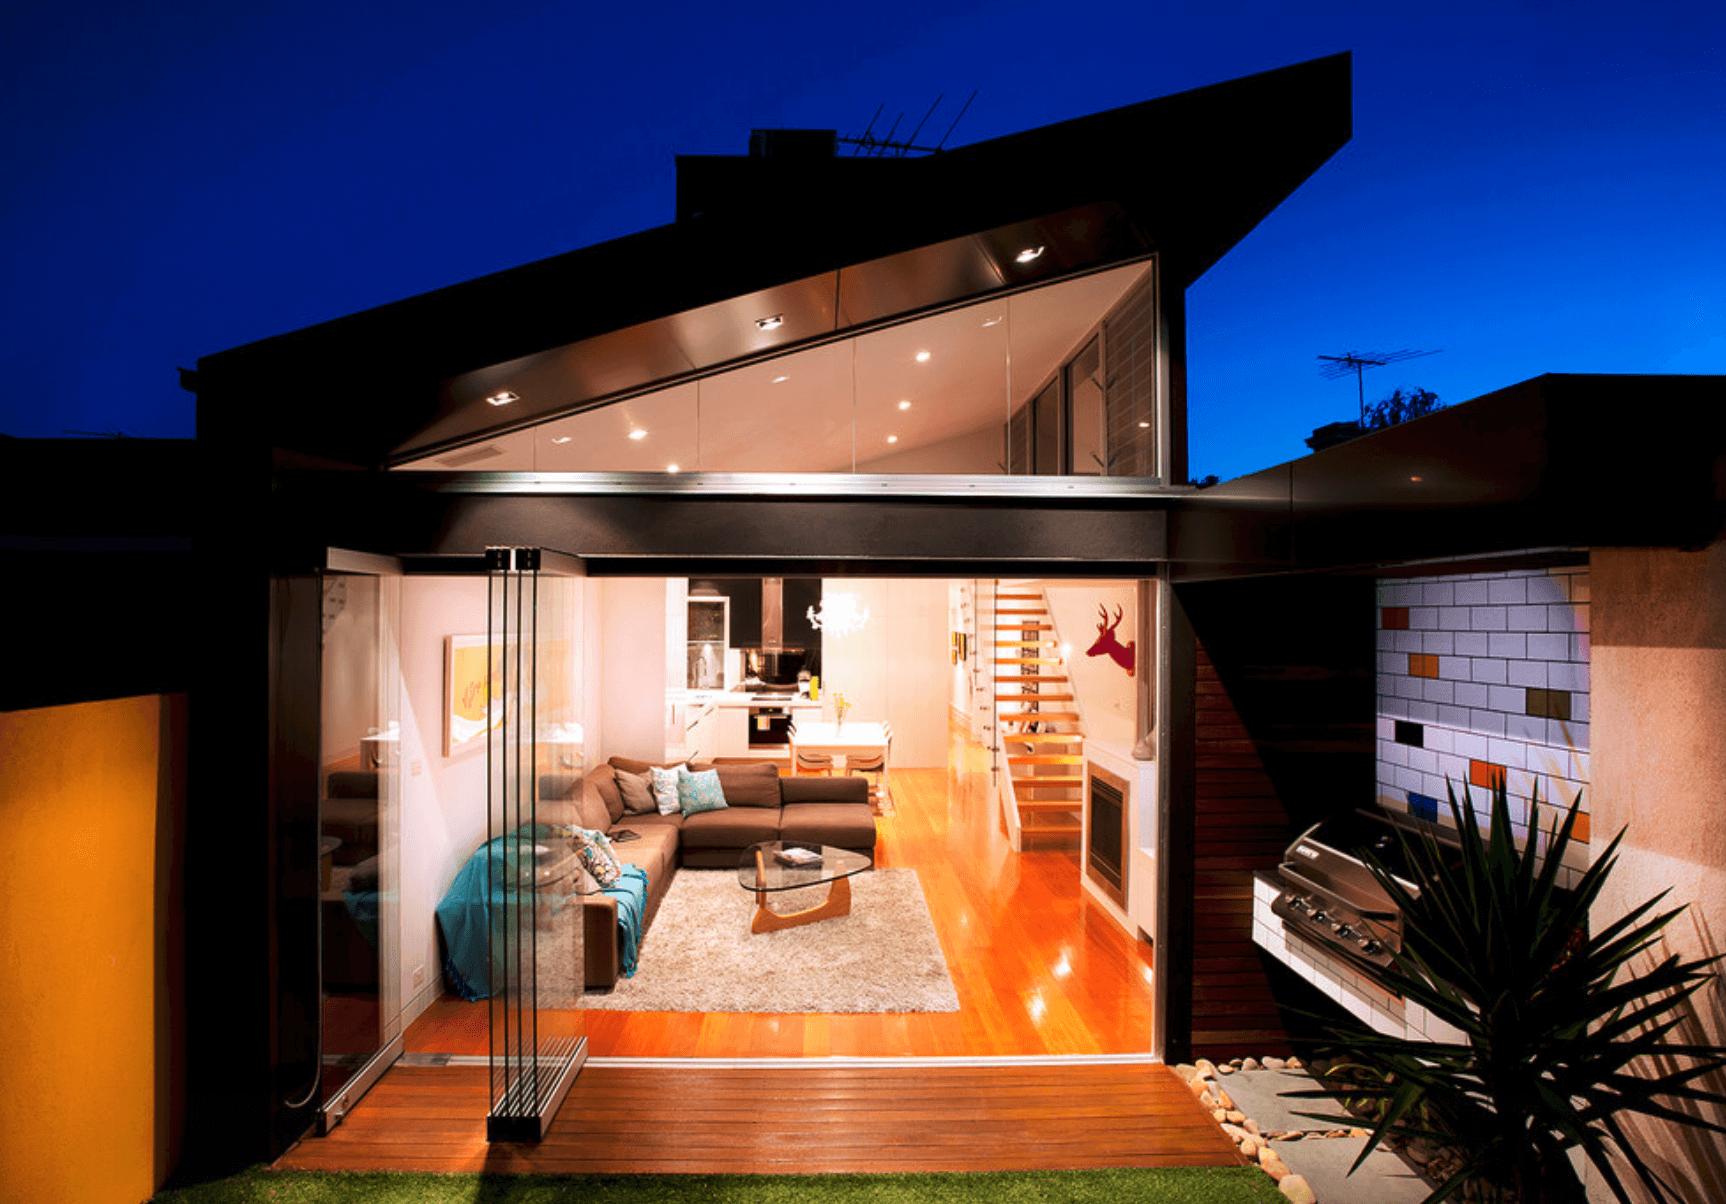 Casas bonitas e baratas